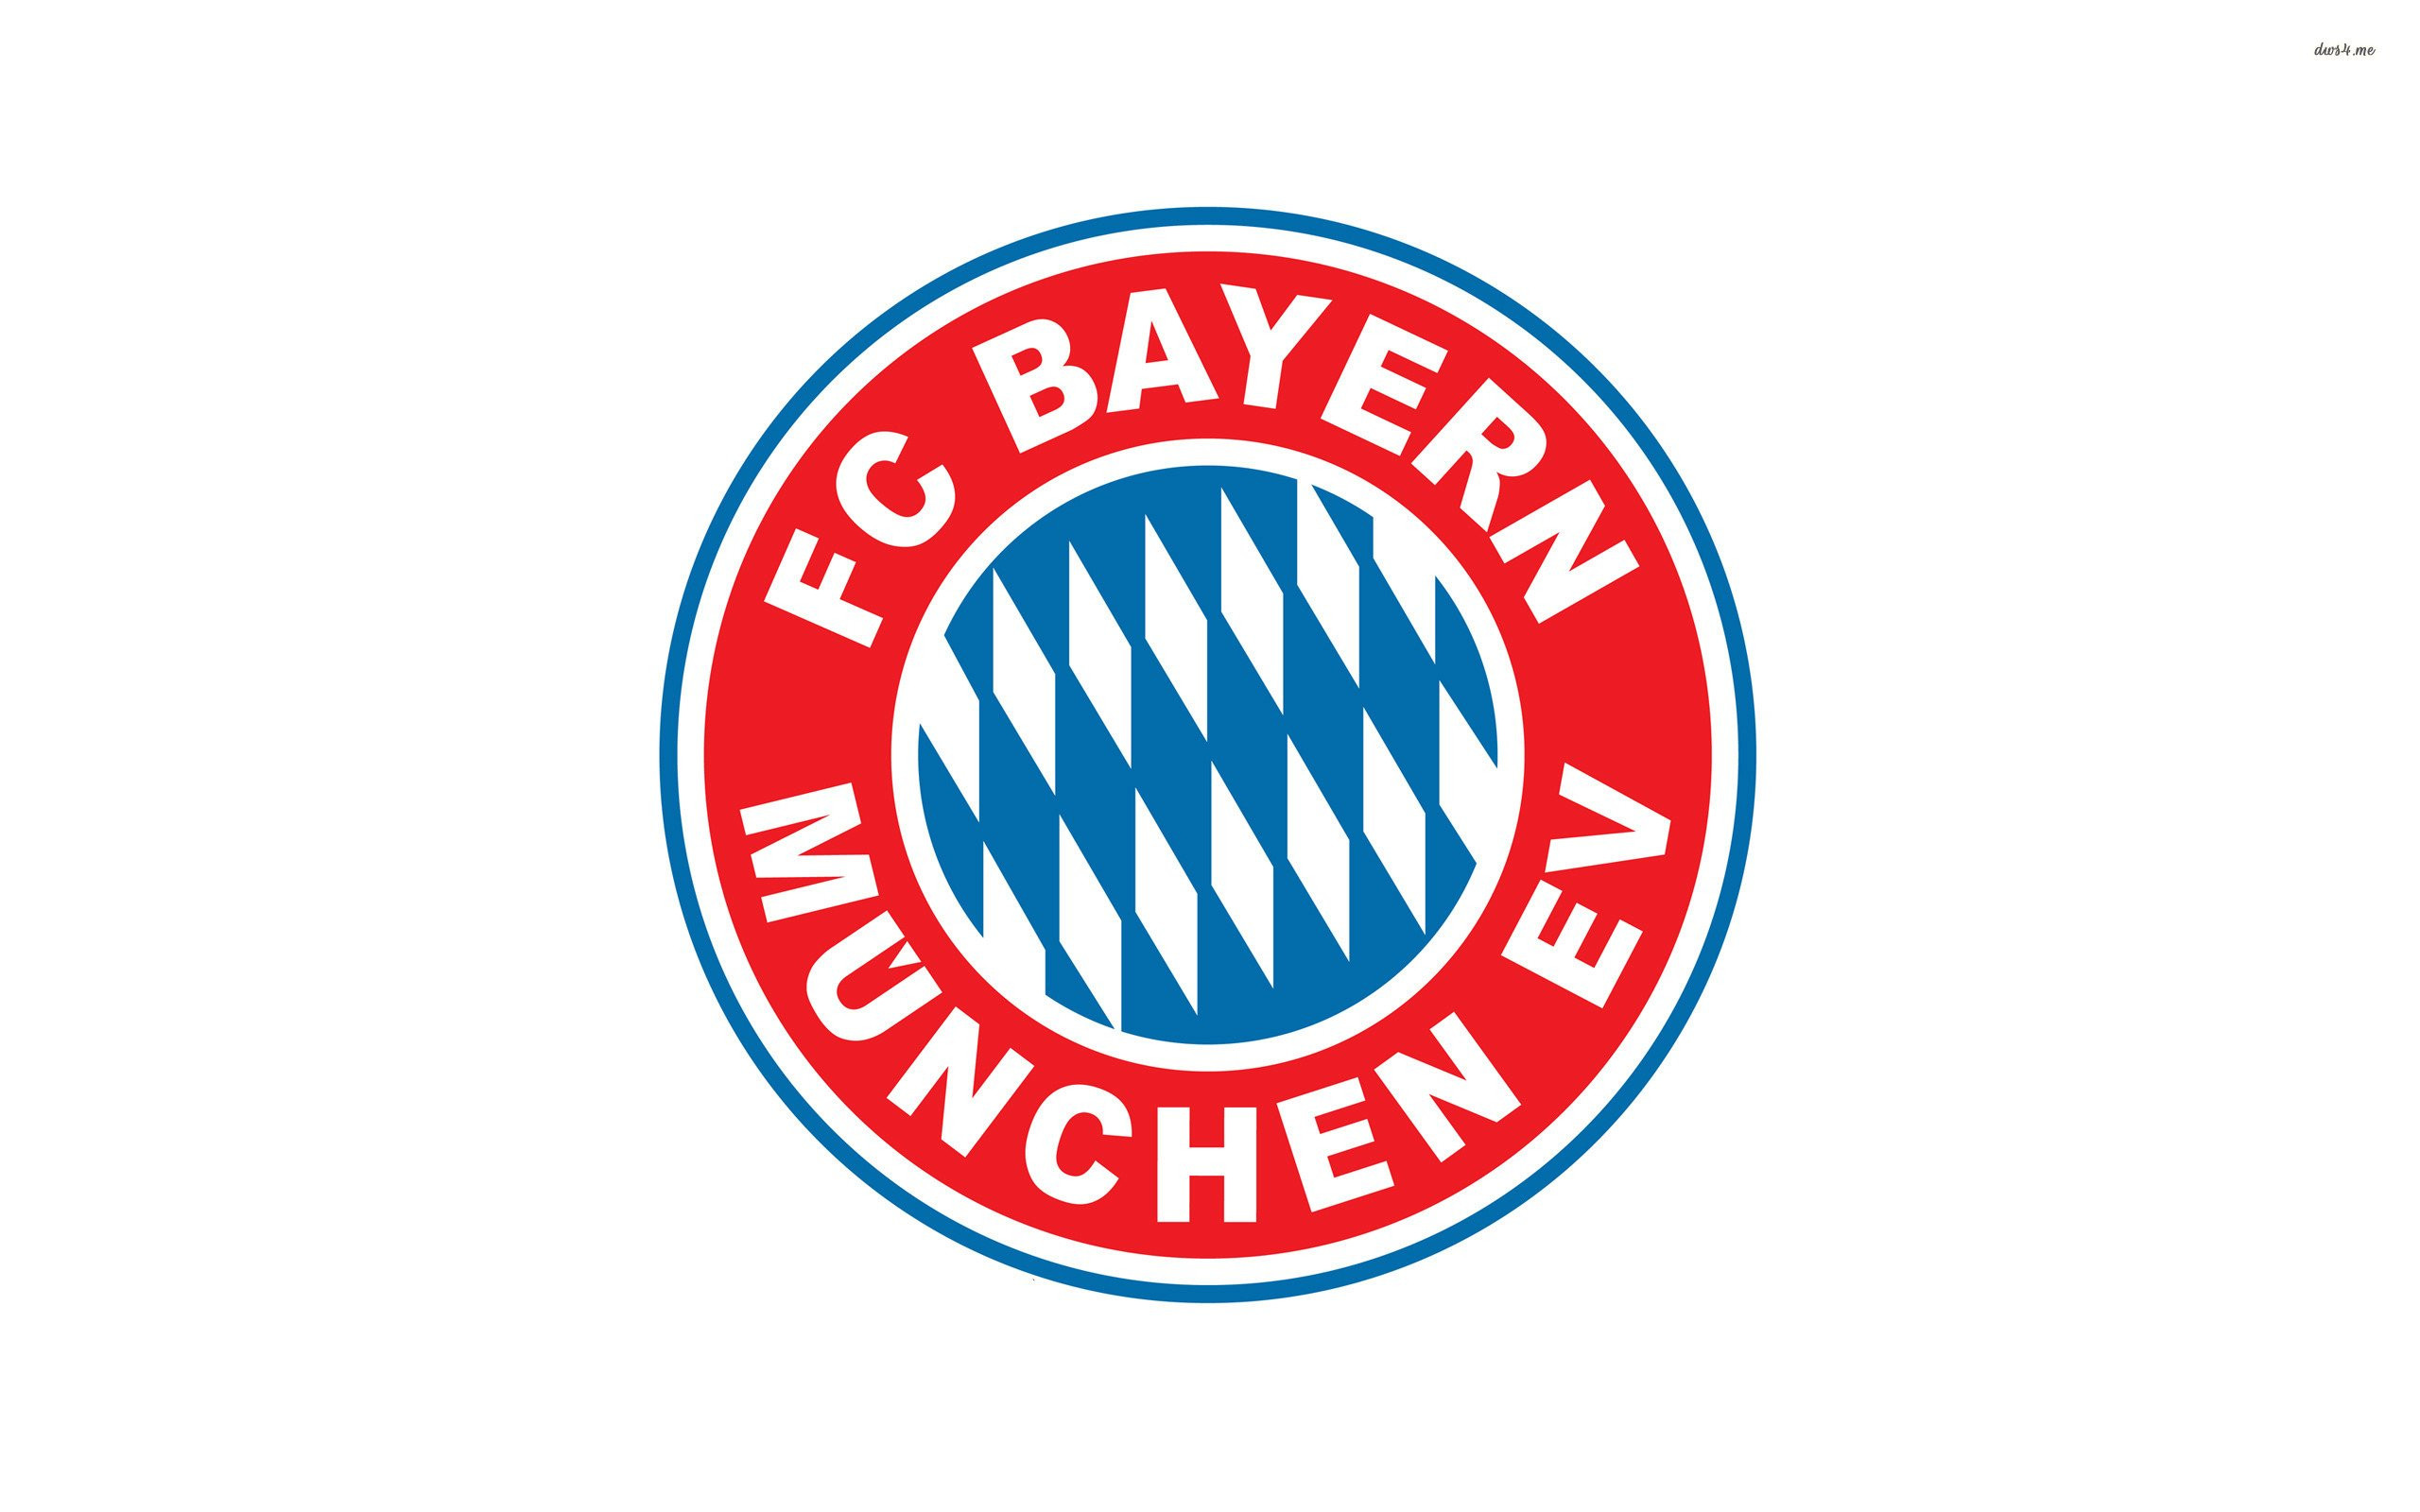 … Bayern Munchen Football Logo Fc Bayern Munchen Logo Wallpaper 501458 –  Walldevil